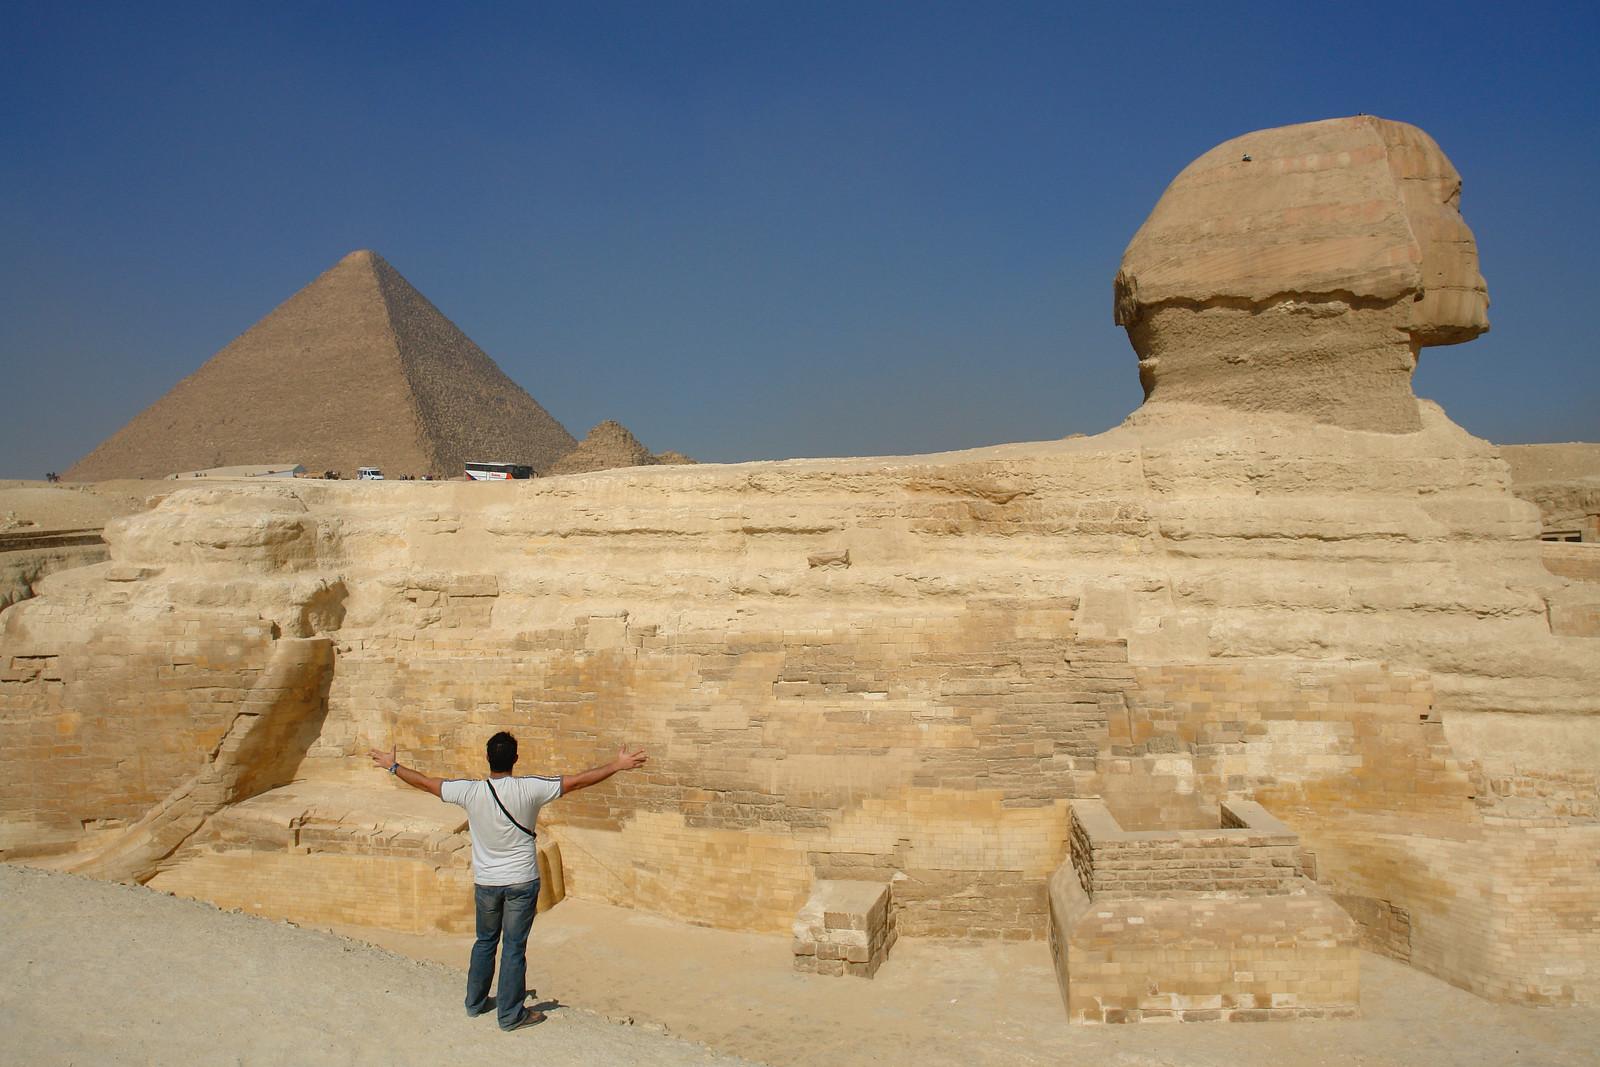 Qué ver en El Cairo, Egipto lugares que visitar en el cairo - 40993419641 fedec38622 h - 10+1 lugares que visitar en El Cairo